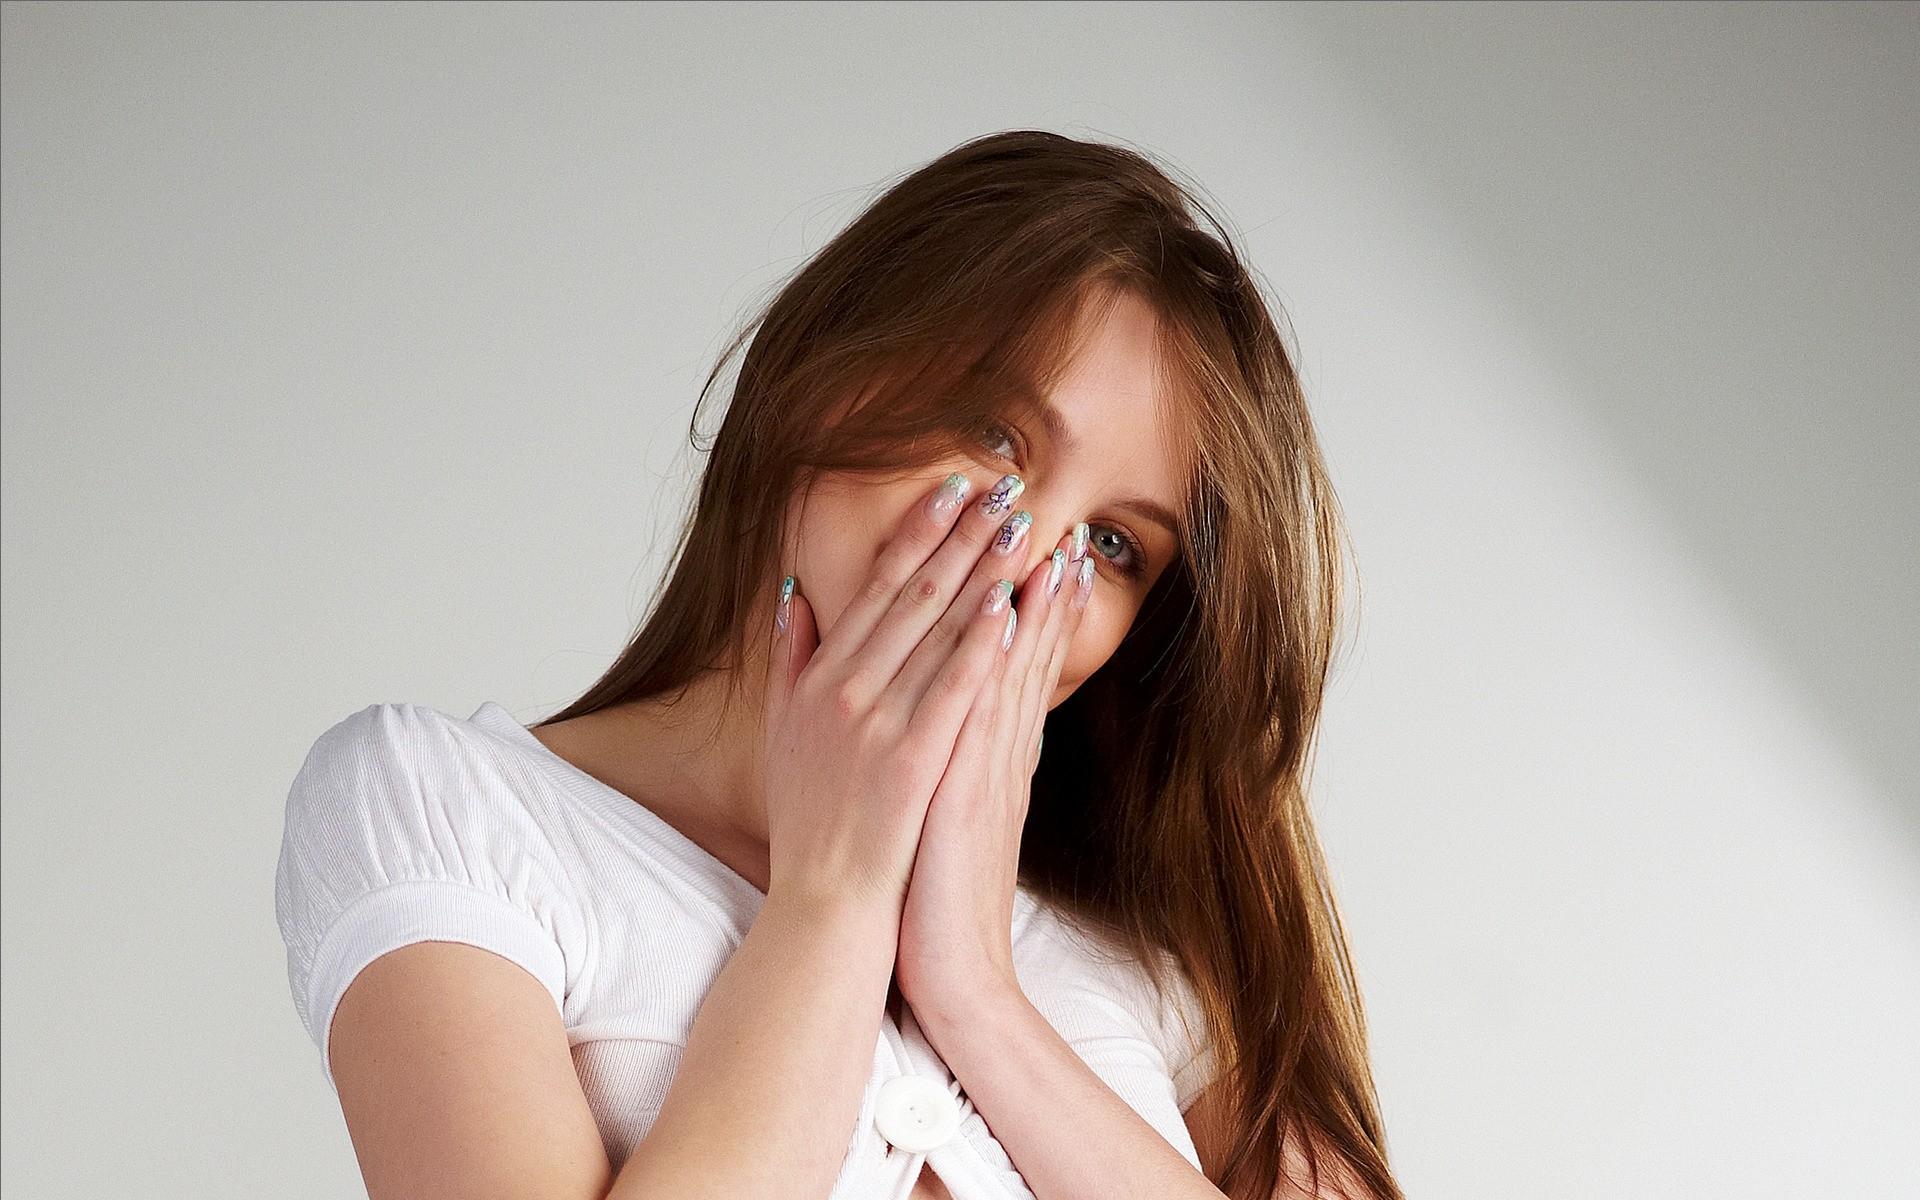 Linda chica con uñas pintadas - 1920x1200